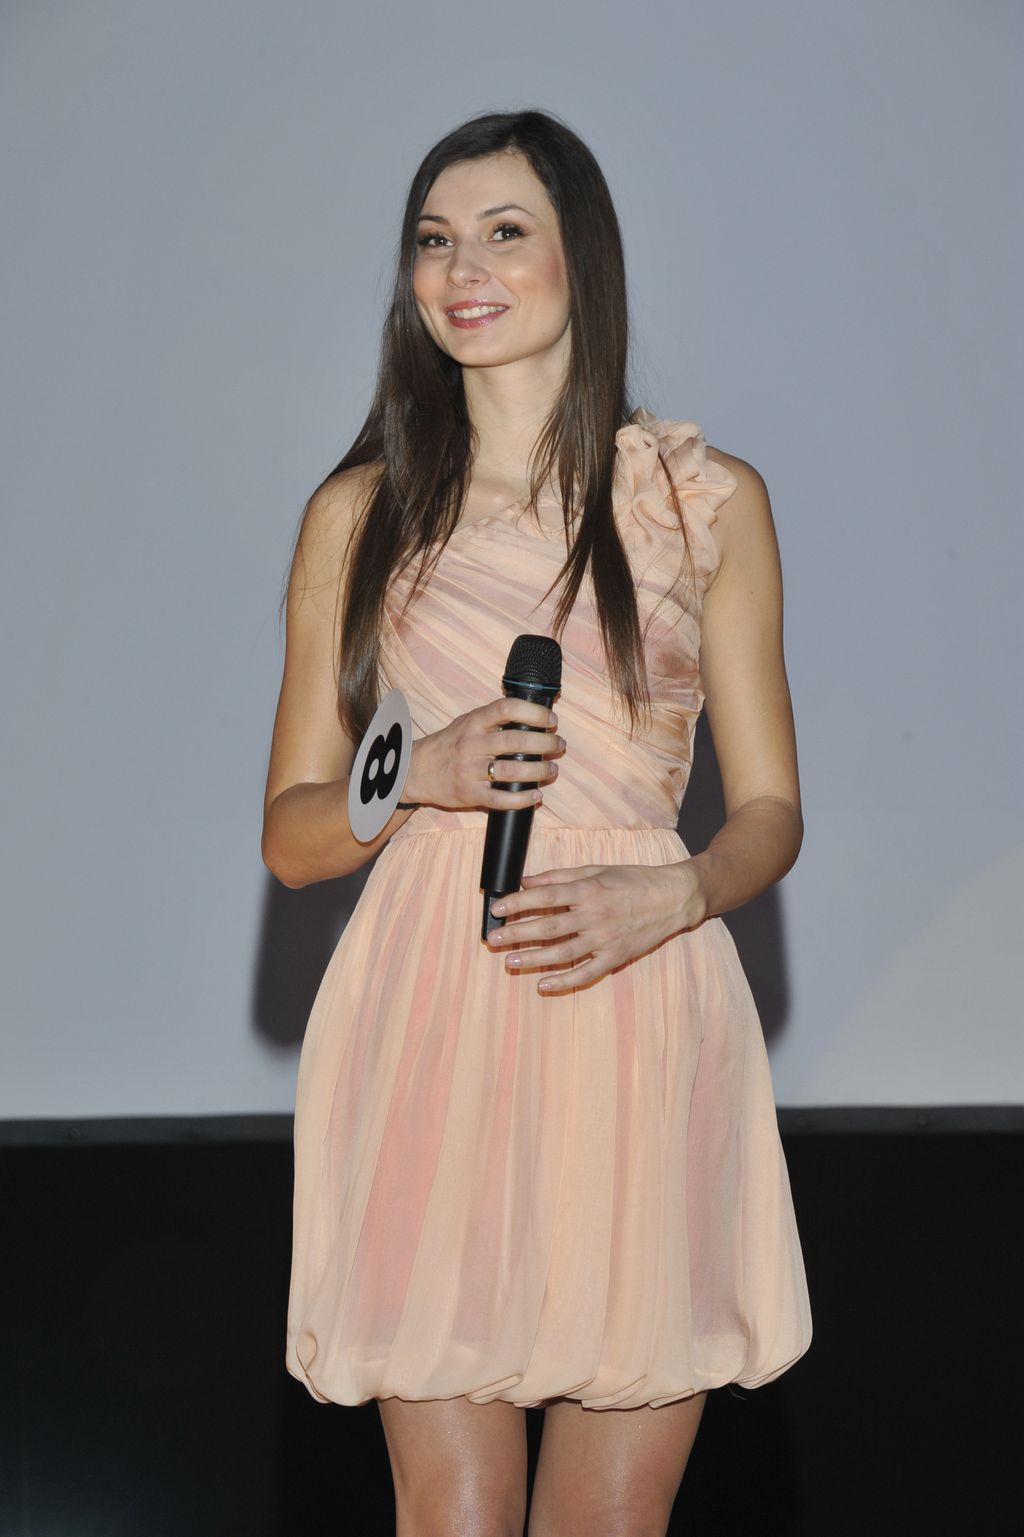 Marcelina Stoszek